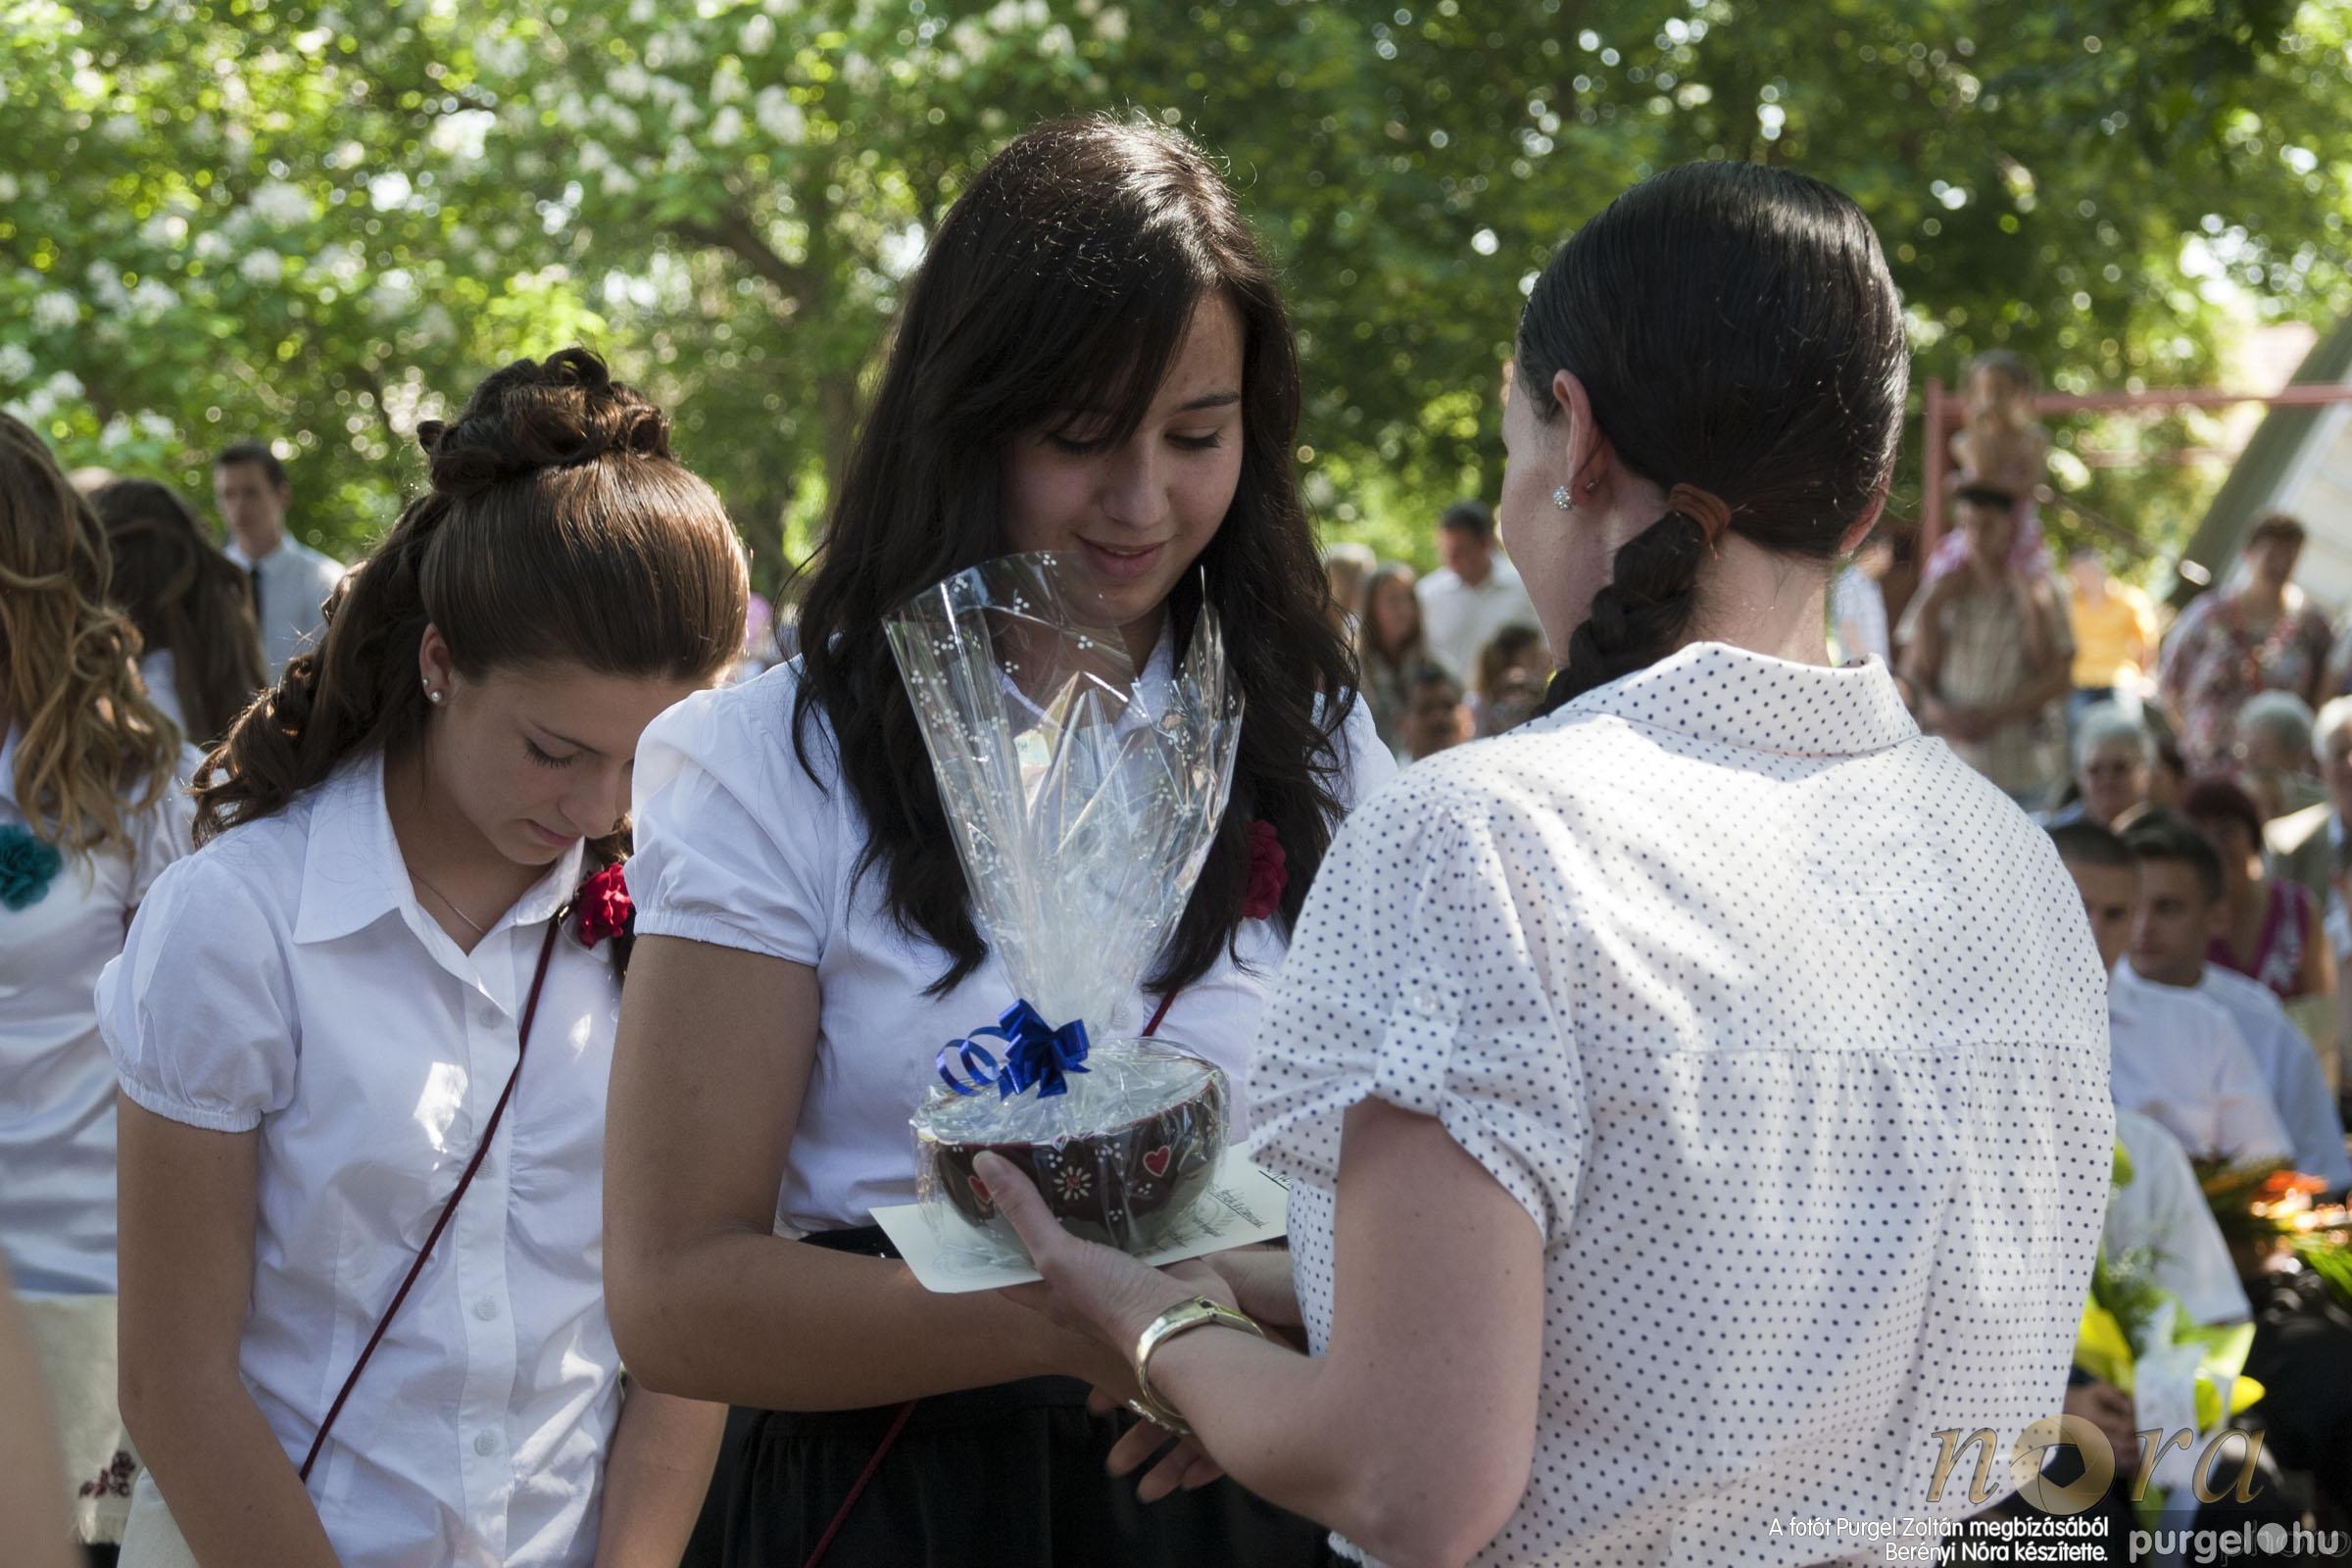 2013.06.15. 305 Forray Máté Általános Iskola ballagás 2013. - Fotó:BERÉNYI NÓRA© _MG_1390.JPG